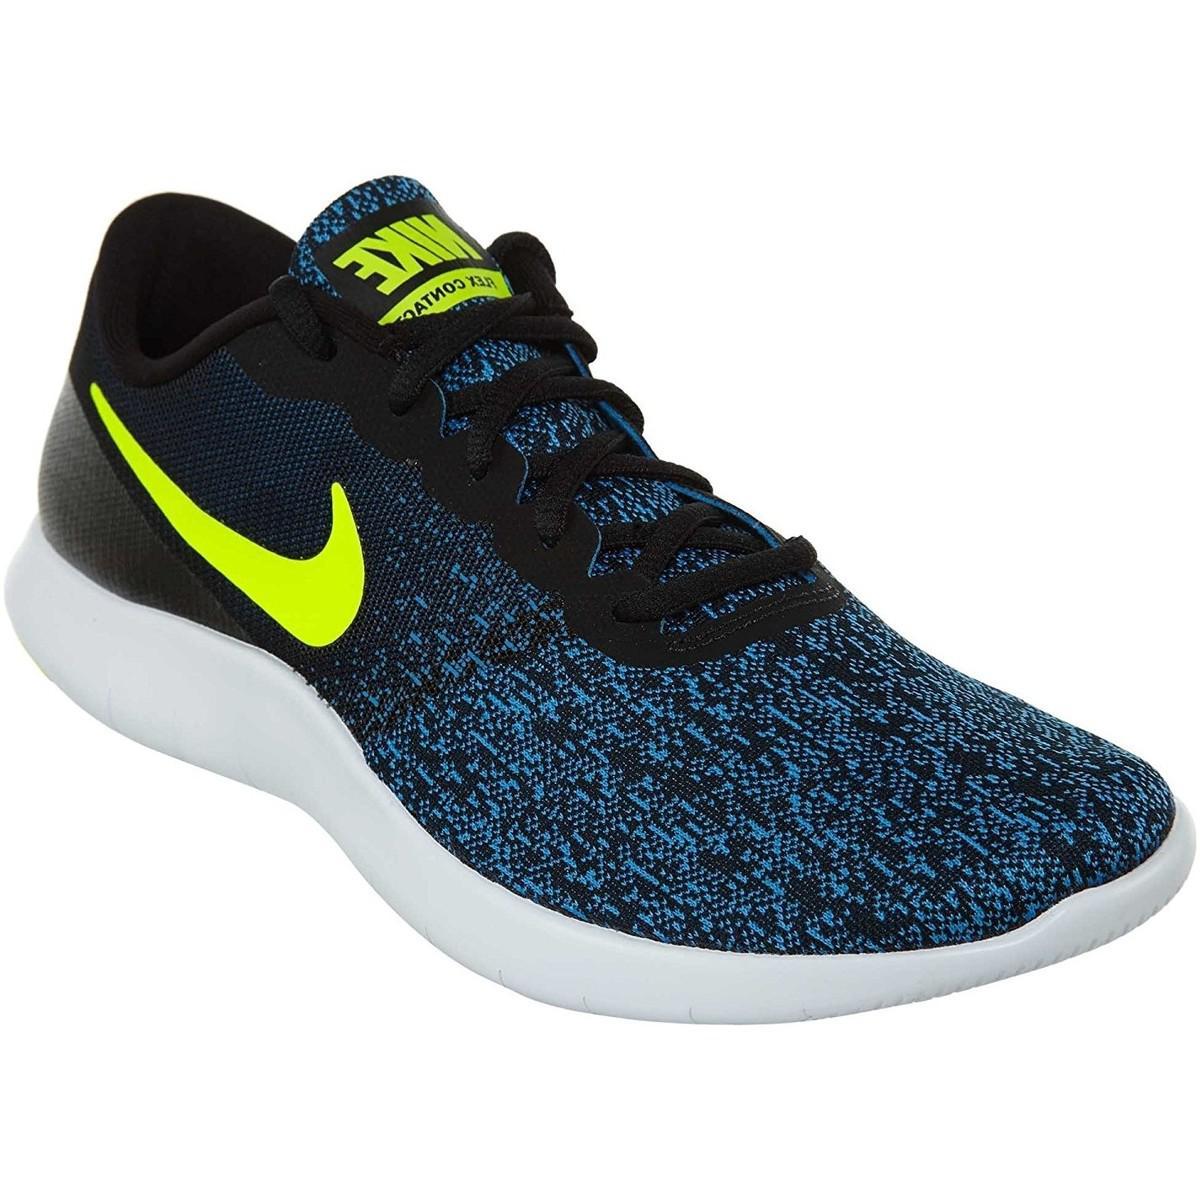 2eac96e01de5 Nike Flex Contact Running Shoe Women s Shoes (trainers) In Blue in ...